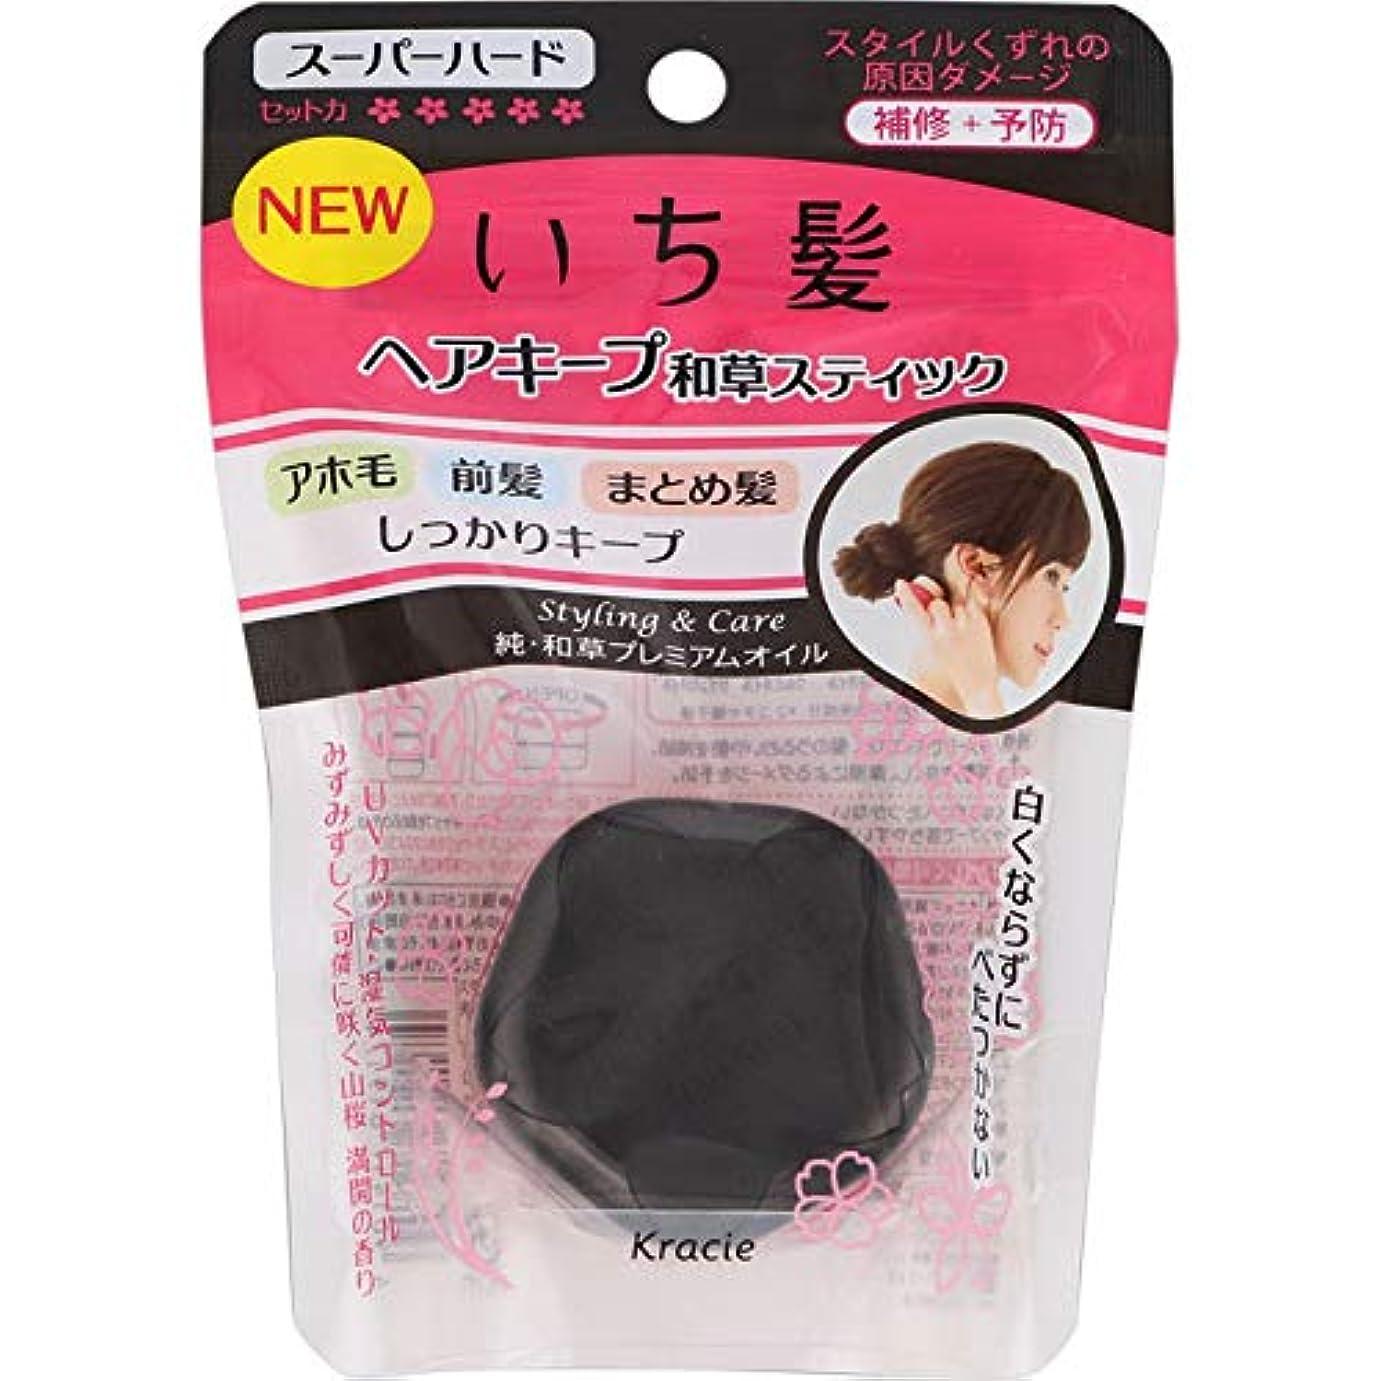 マニアック性能伝染病いち髪 ヘアキープ和草スティック(スーパーハード) × 8個セット